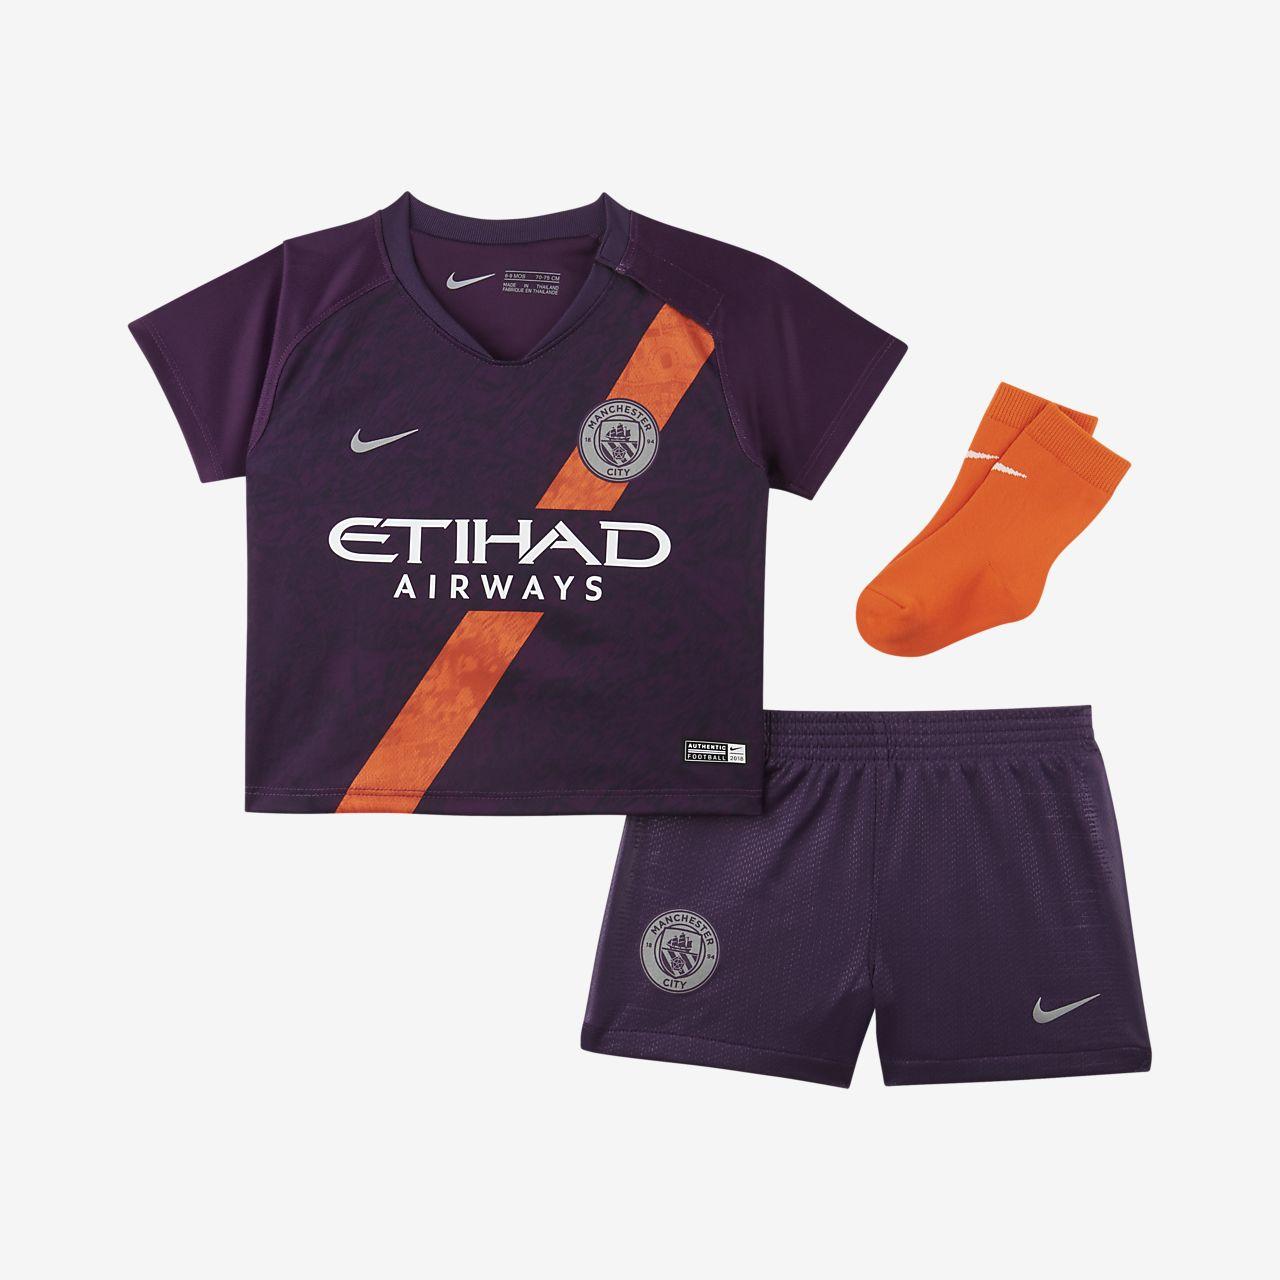 Manchester City FC 2018/19 tredjeställ för baby